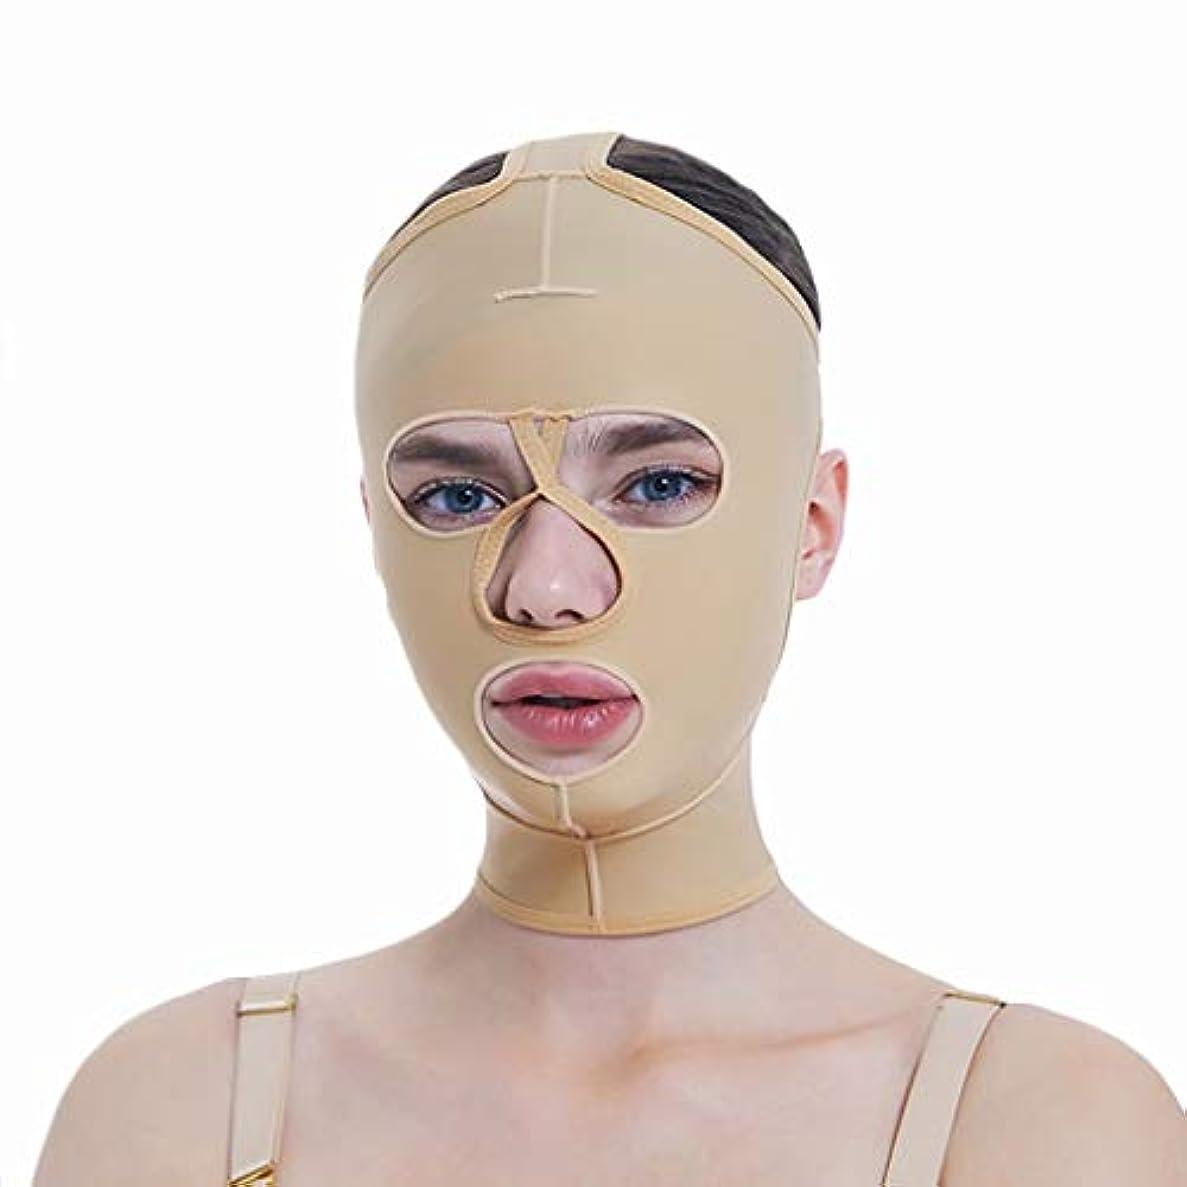 母音どっち交じる顔の減量マスク、フルカバレッジ包帯、フルフェイスリフティングマスク、フェイスマスク、快適で通気性、リフティングシェーピング (Size : XL)